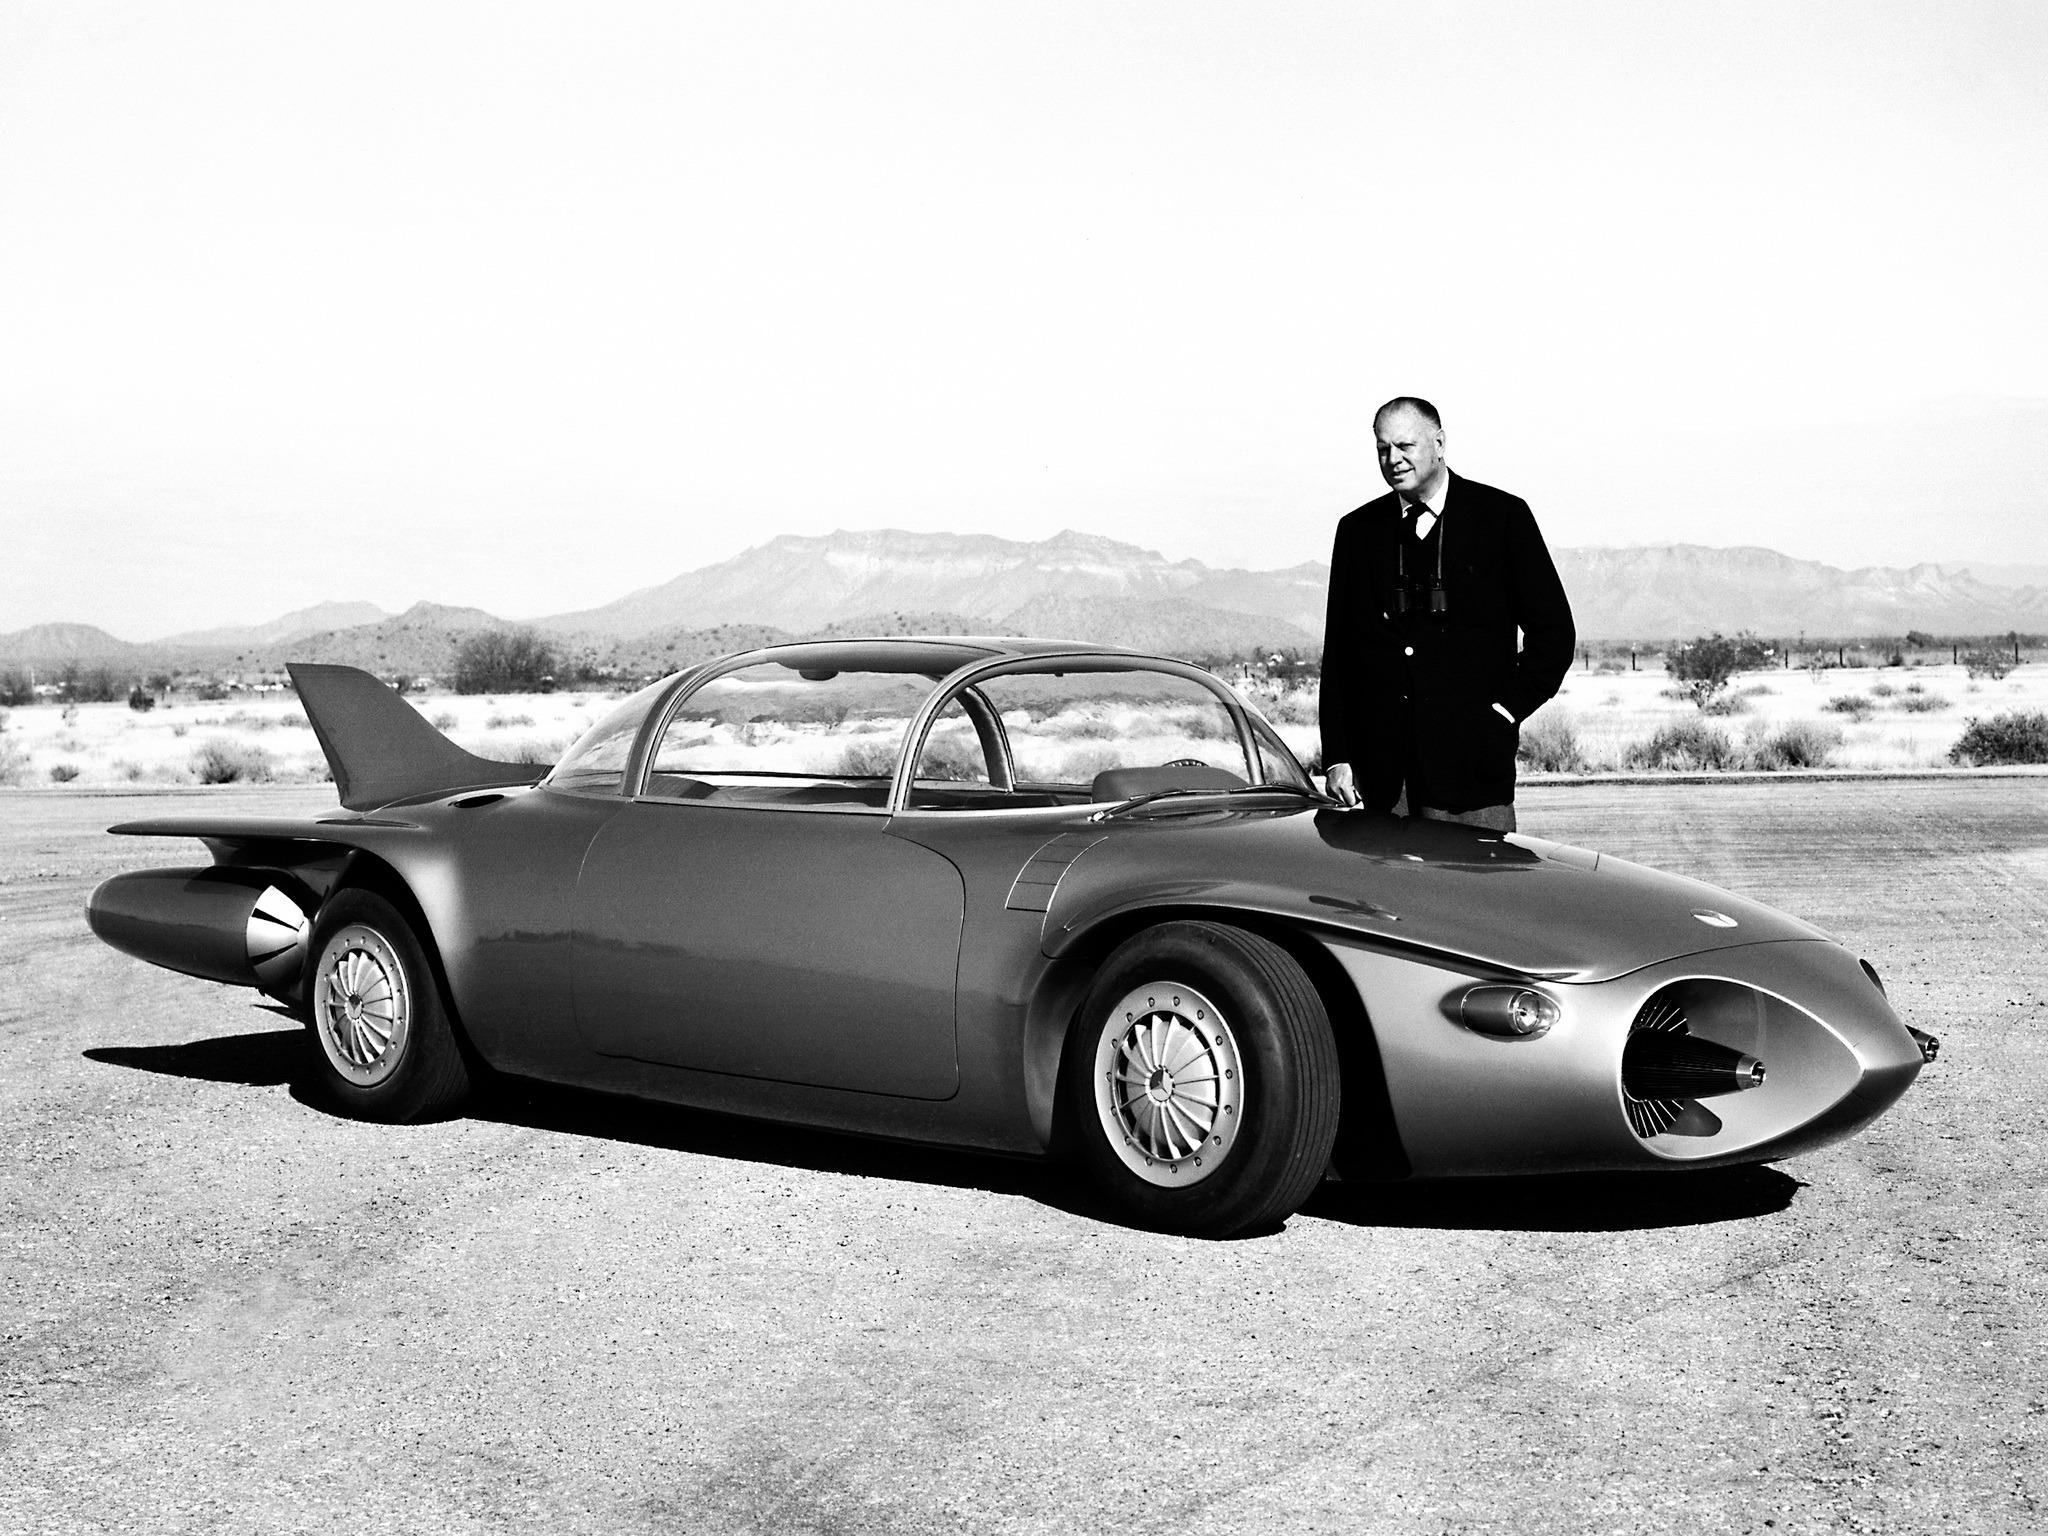 General Motors Motorama Firebird I, II, III (1953-1959)